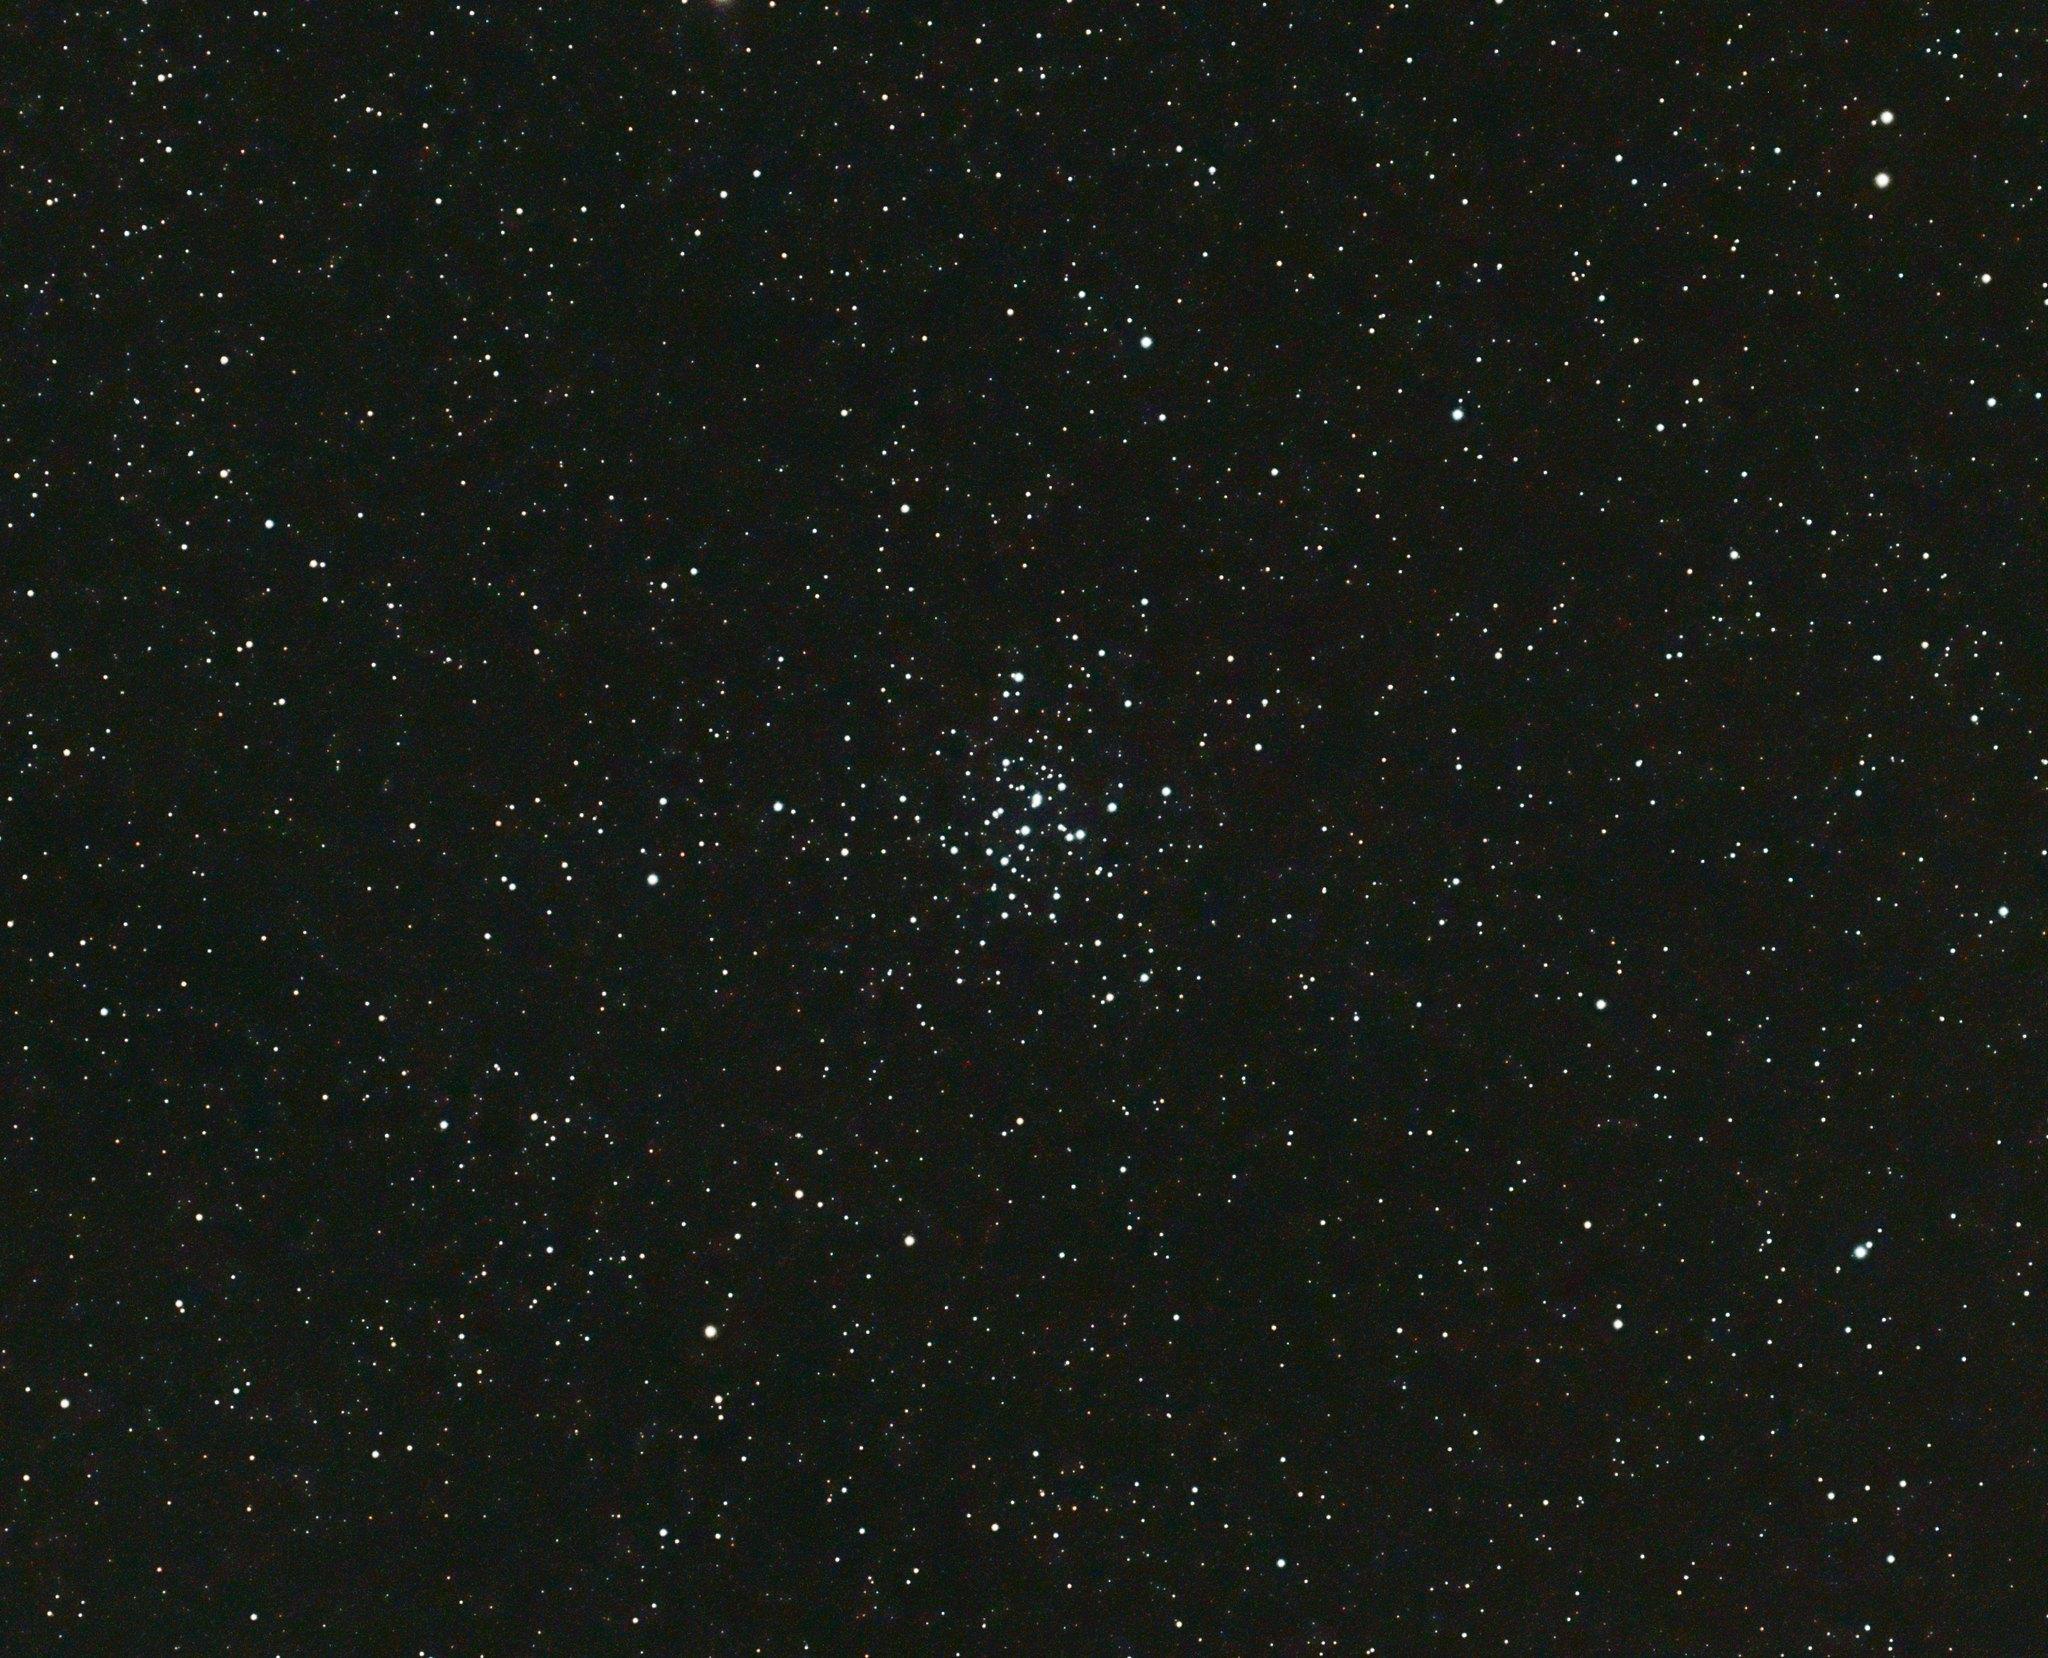 M36 Pat Devine Williams Optics Redcat 51 ZWO183mc pro